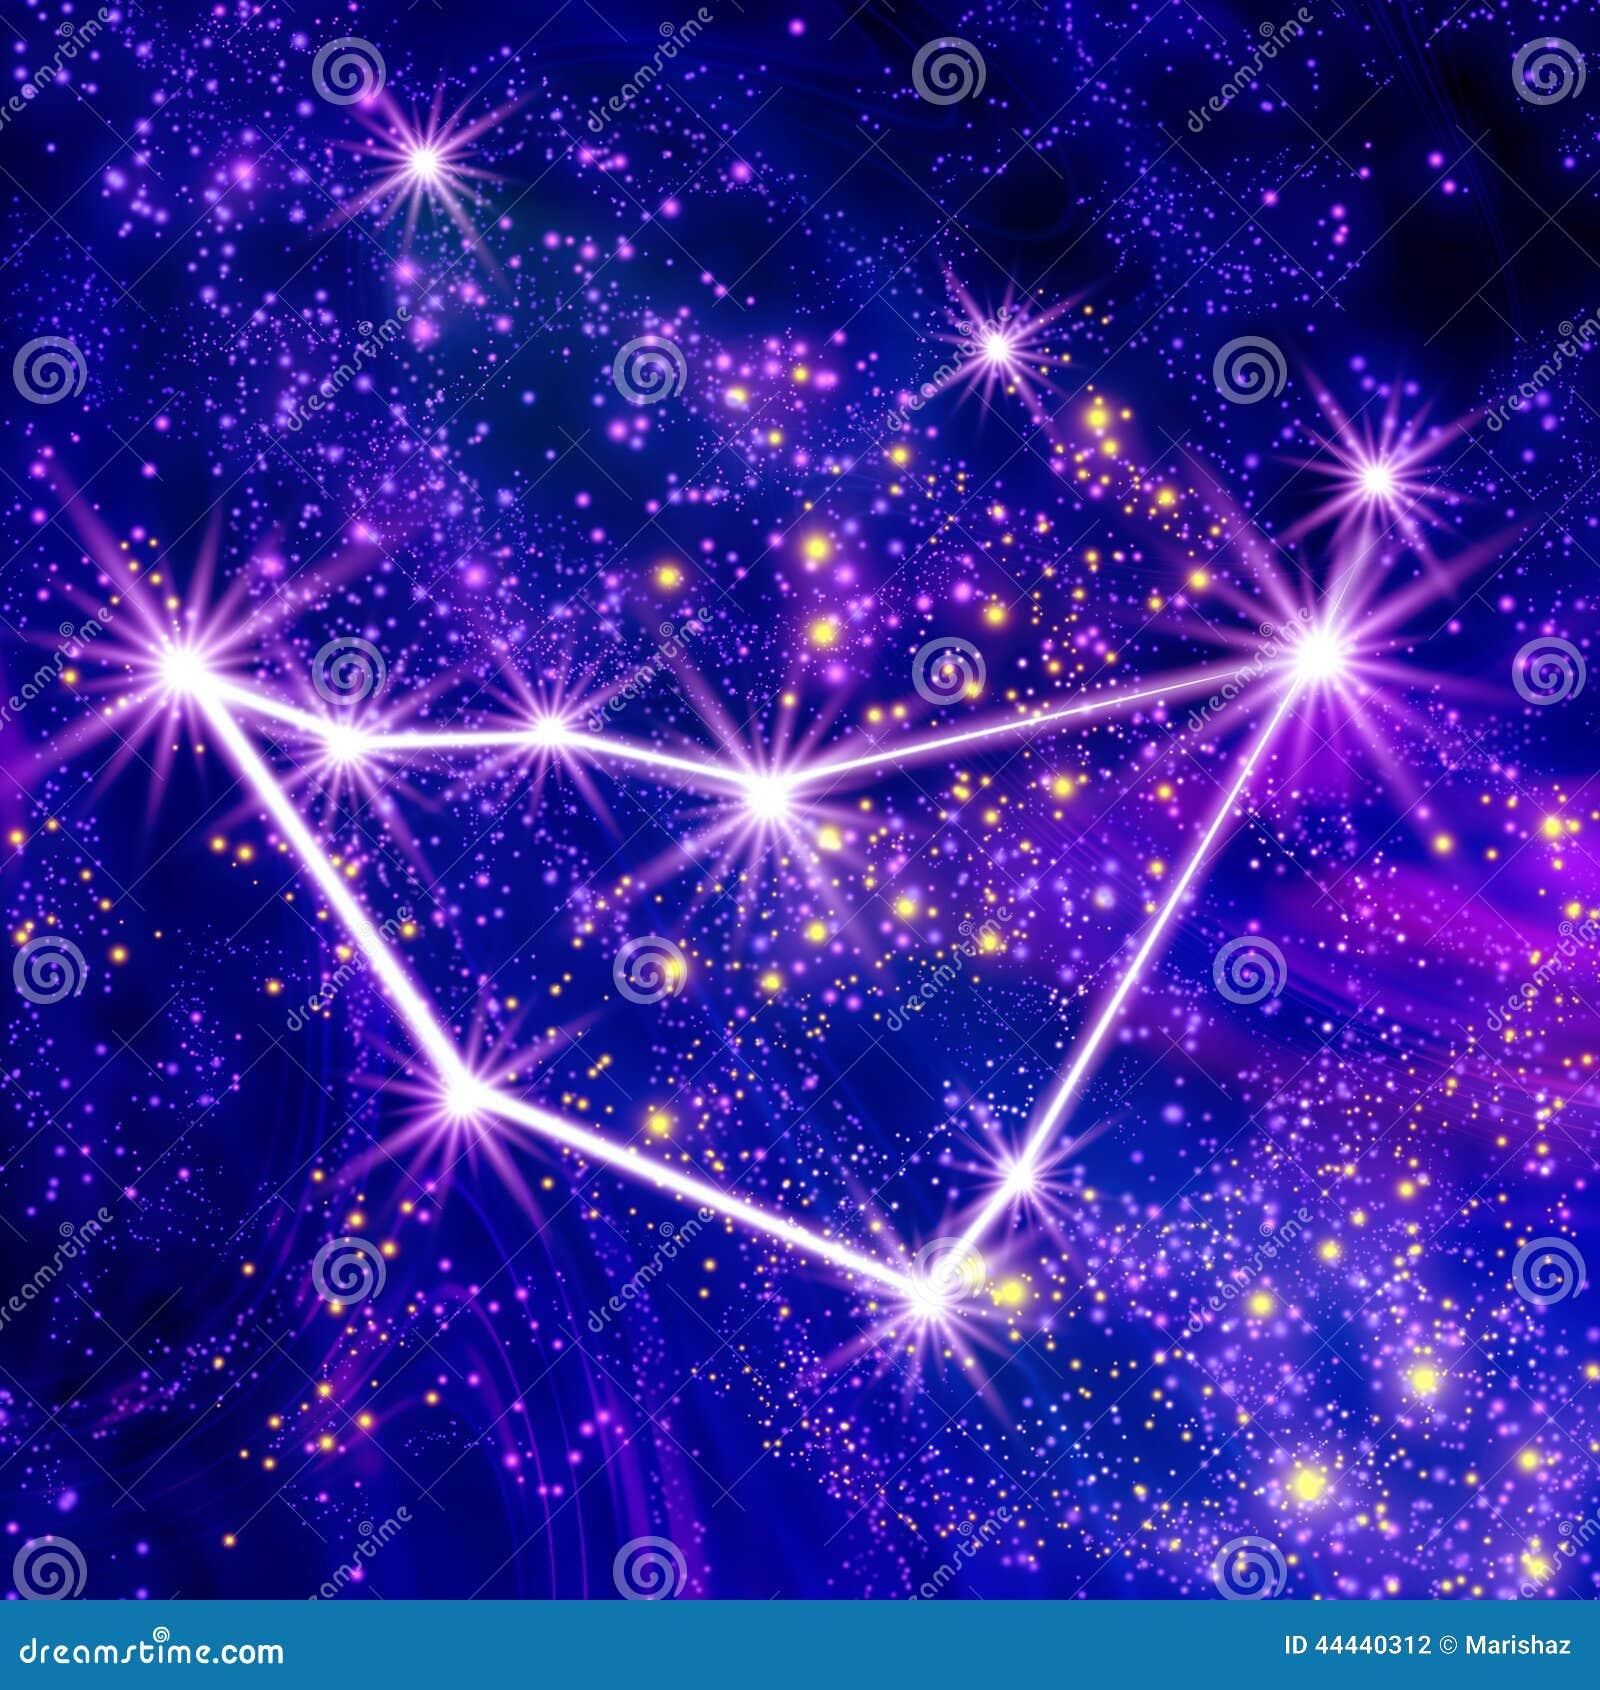 山羊爱情座10月2日的天秤座男人的星座图片